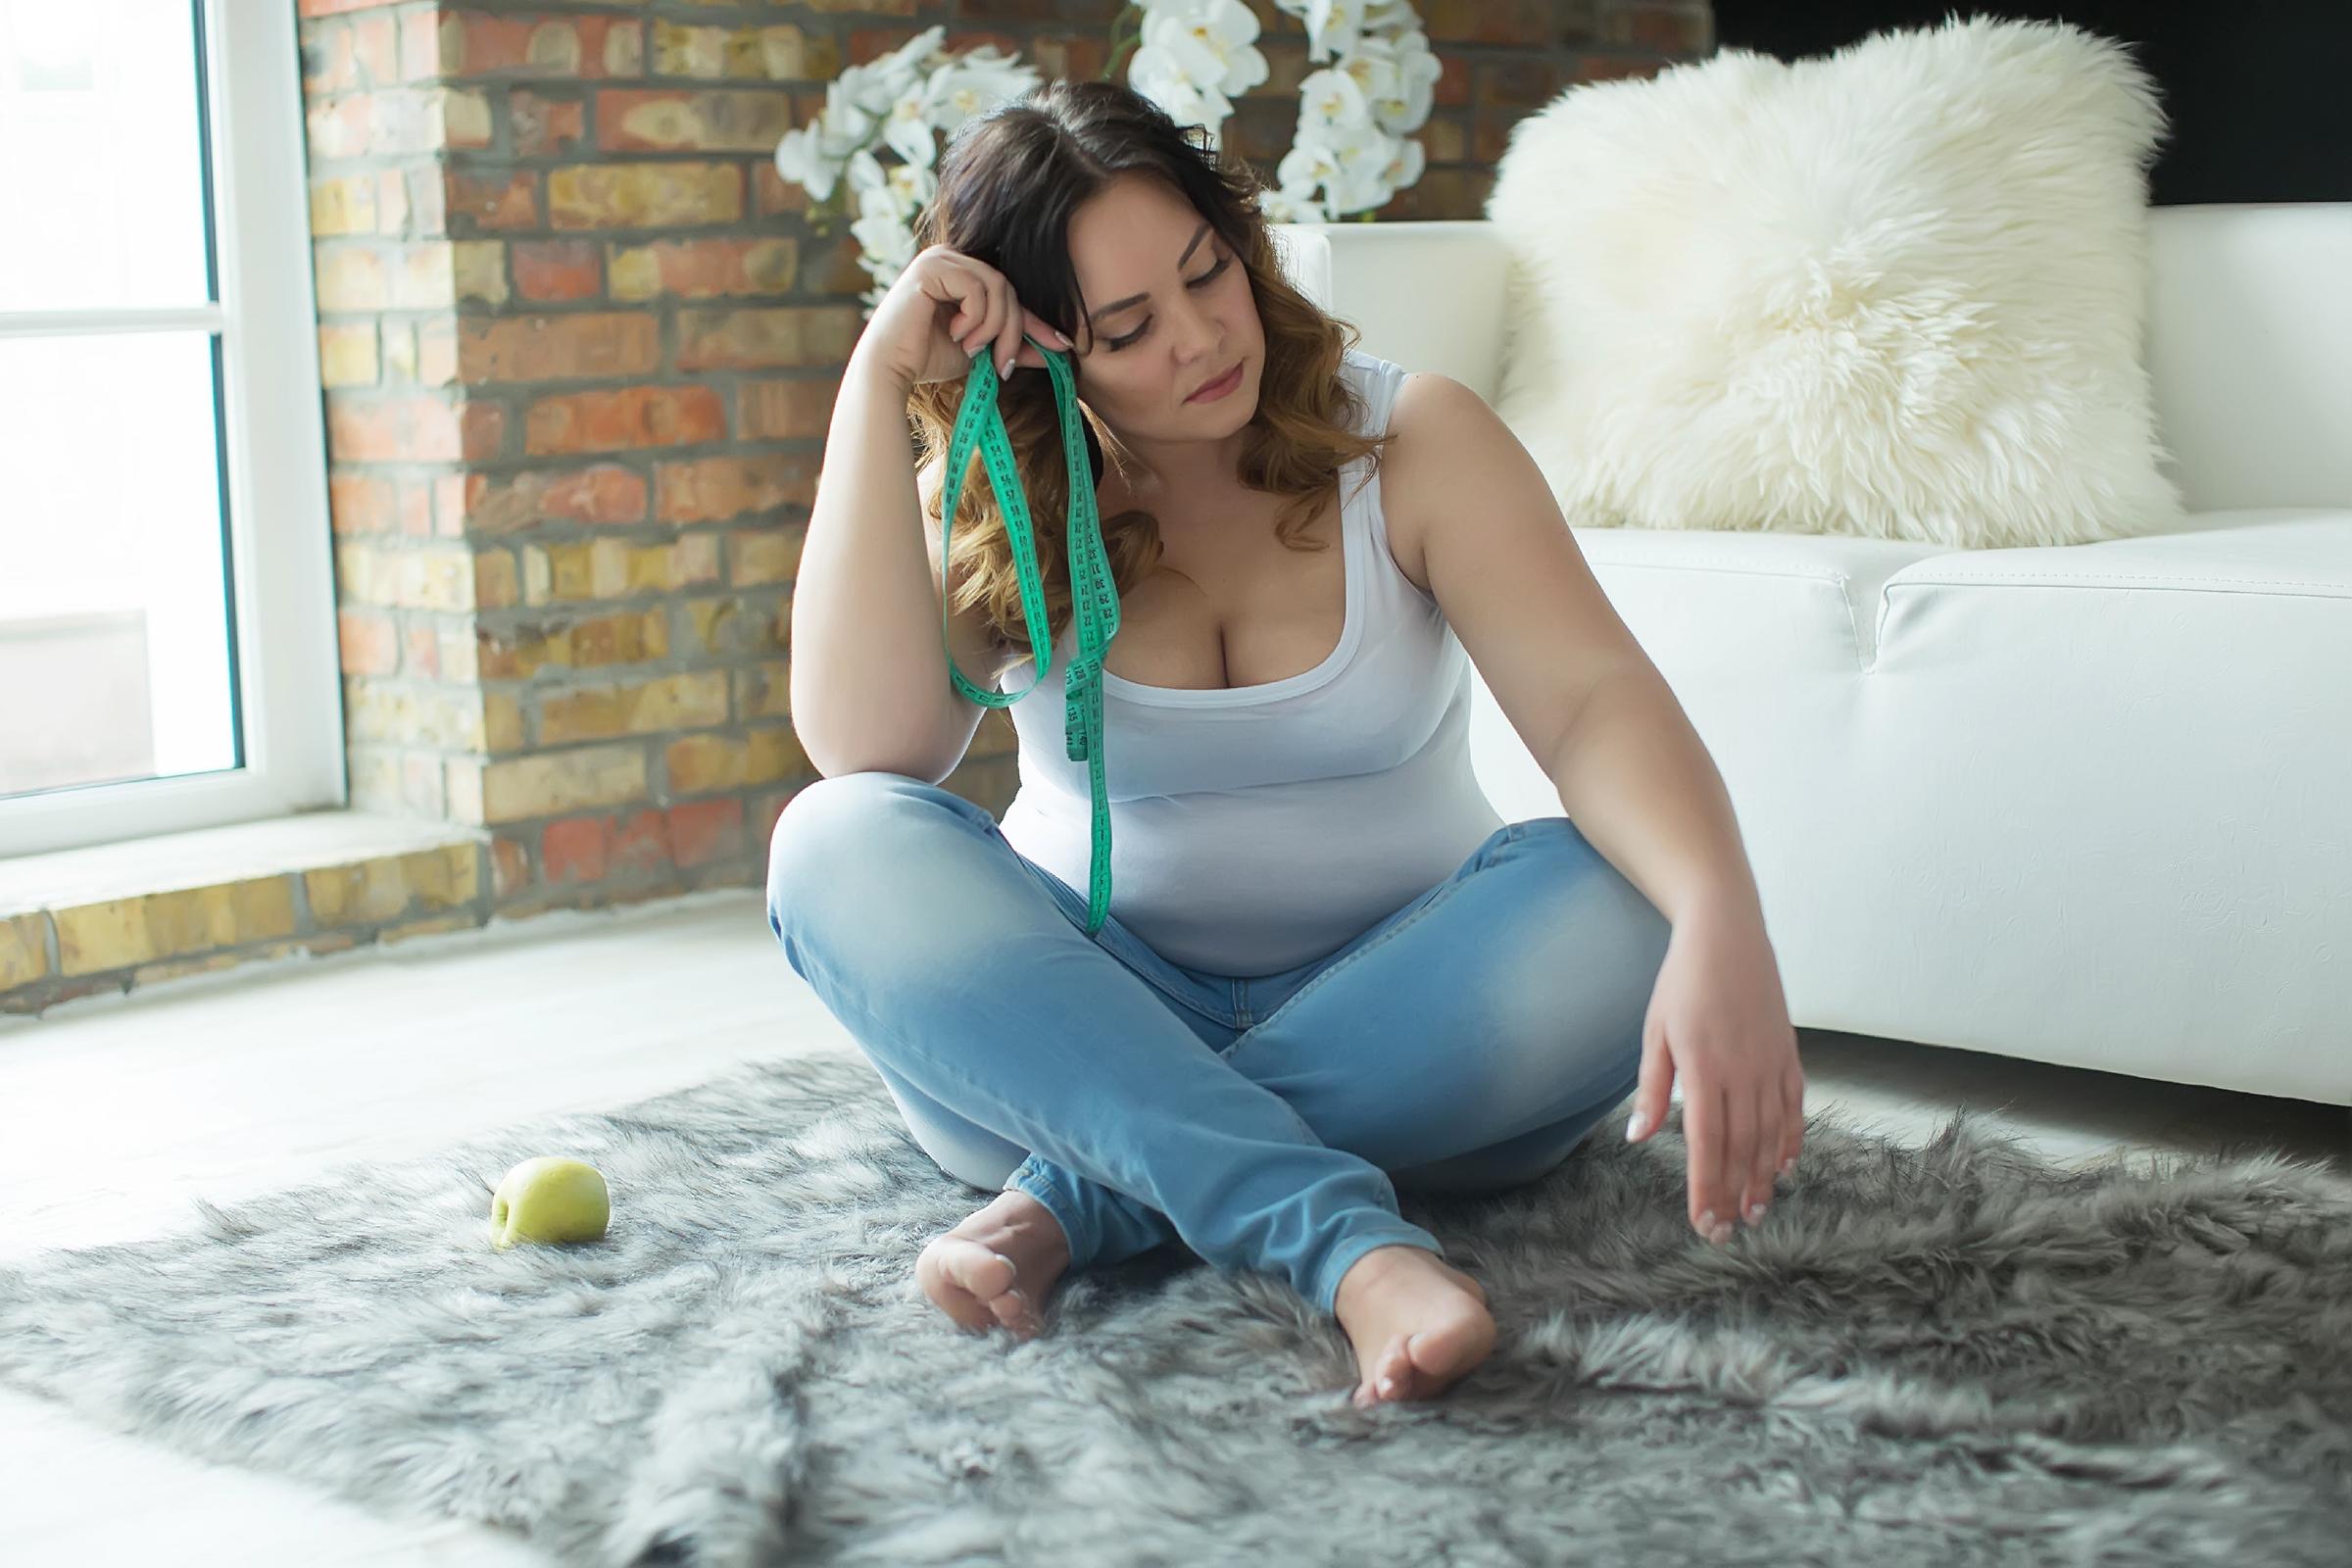 ha lelassul a fogyás Hogyan segítik a bcaas a zsírégetést?